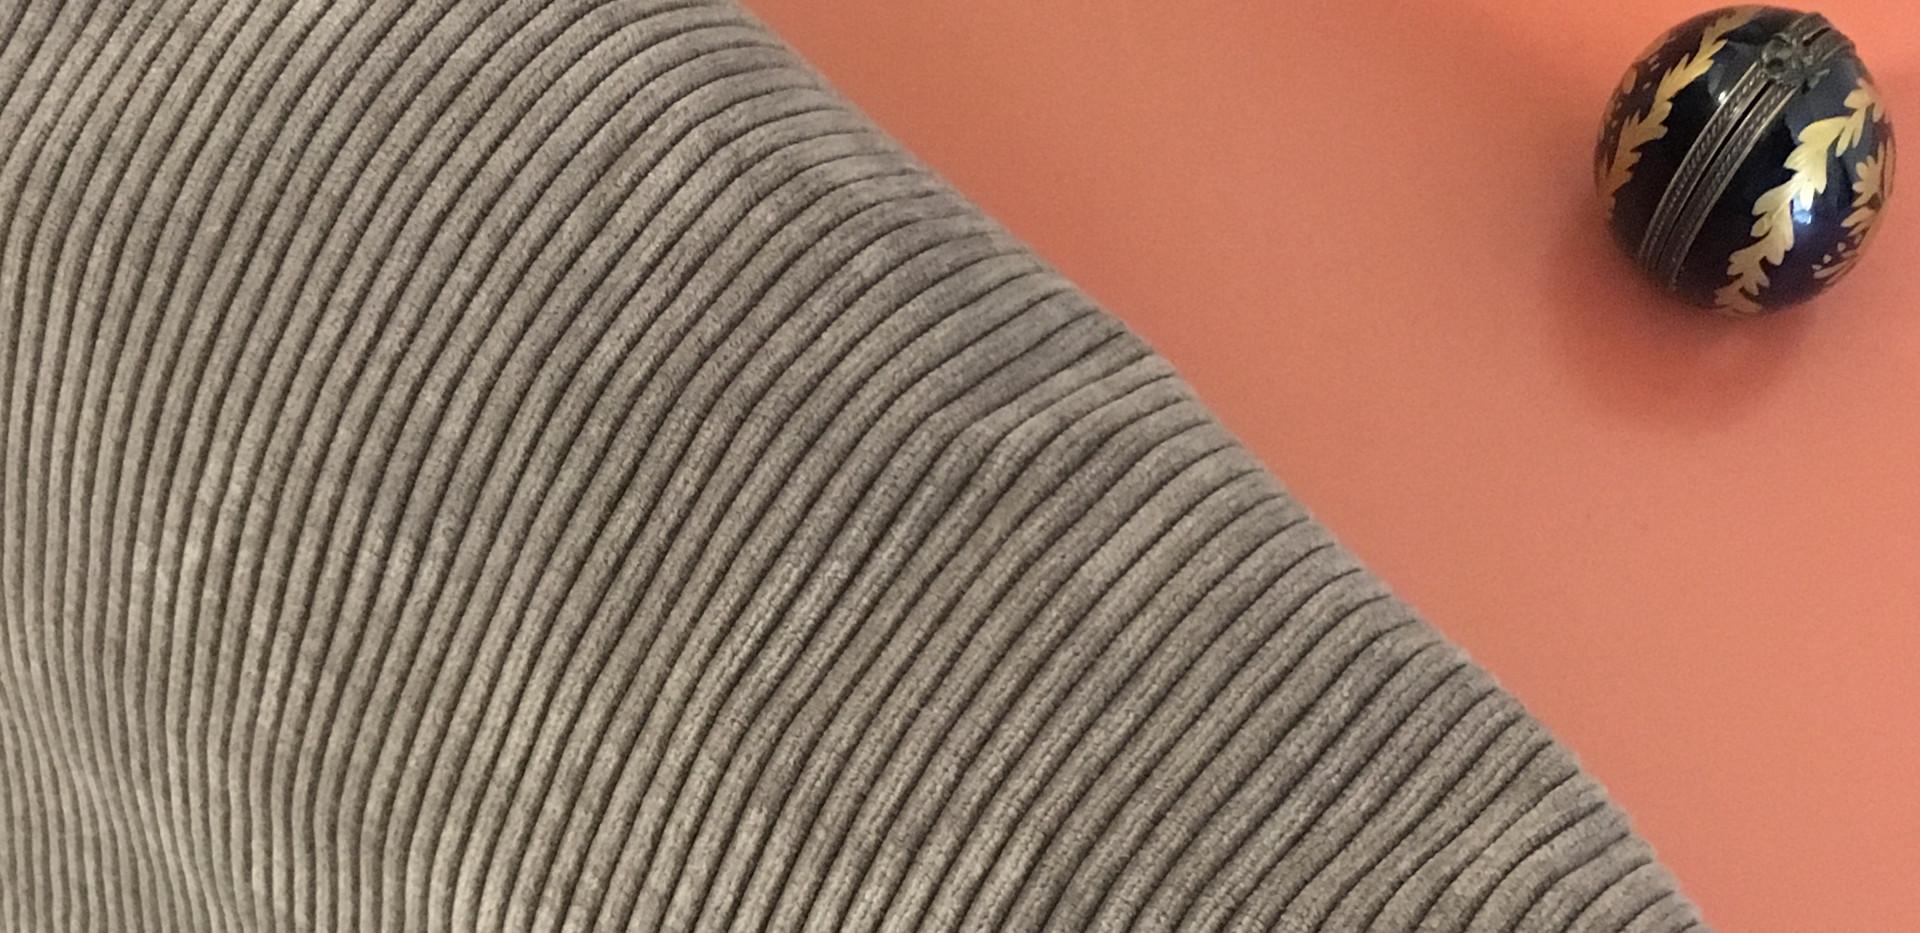 Housse de coussin velour côtelé gris taupe